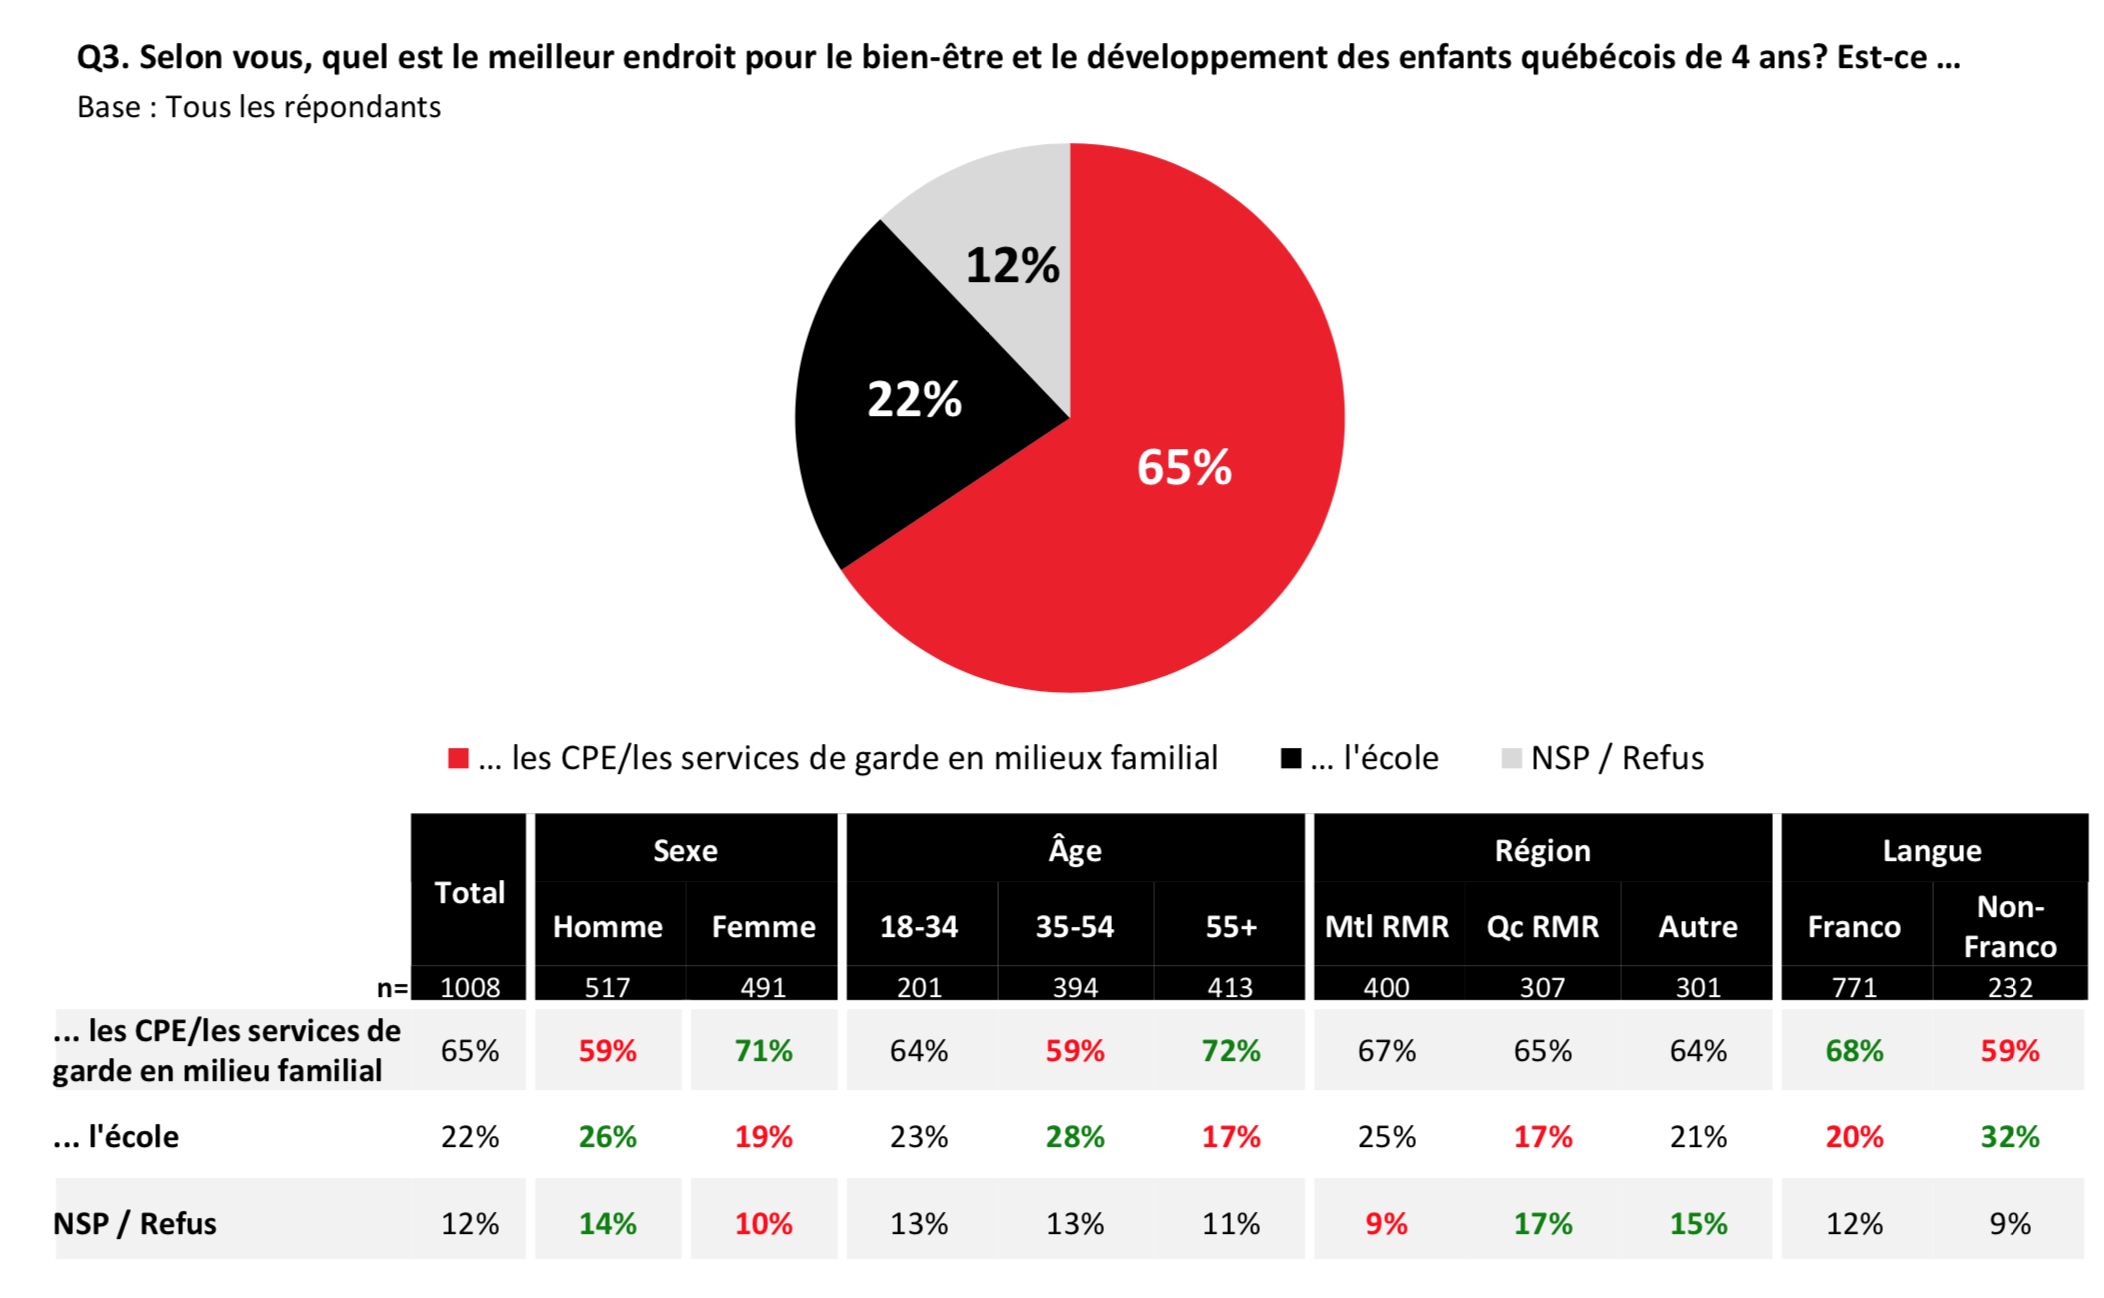 Maternelle 4 ans: la majorité des Québécois préconiseraient les CPE, selon un sondage